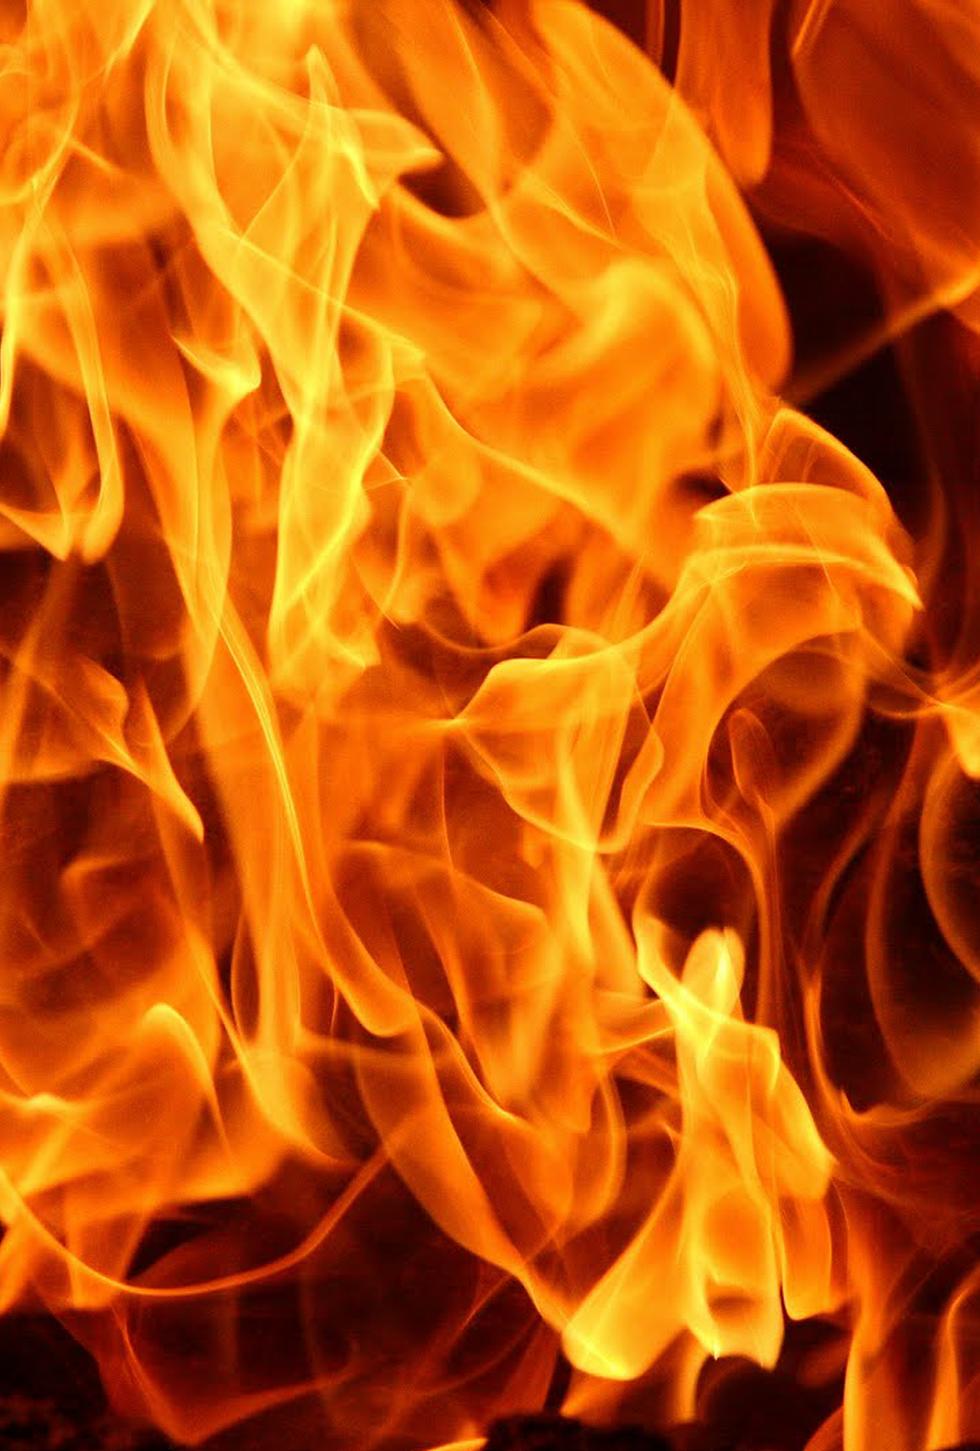 Fire fondo.png